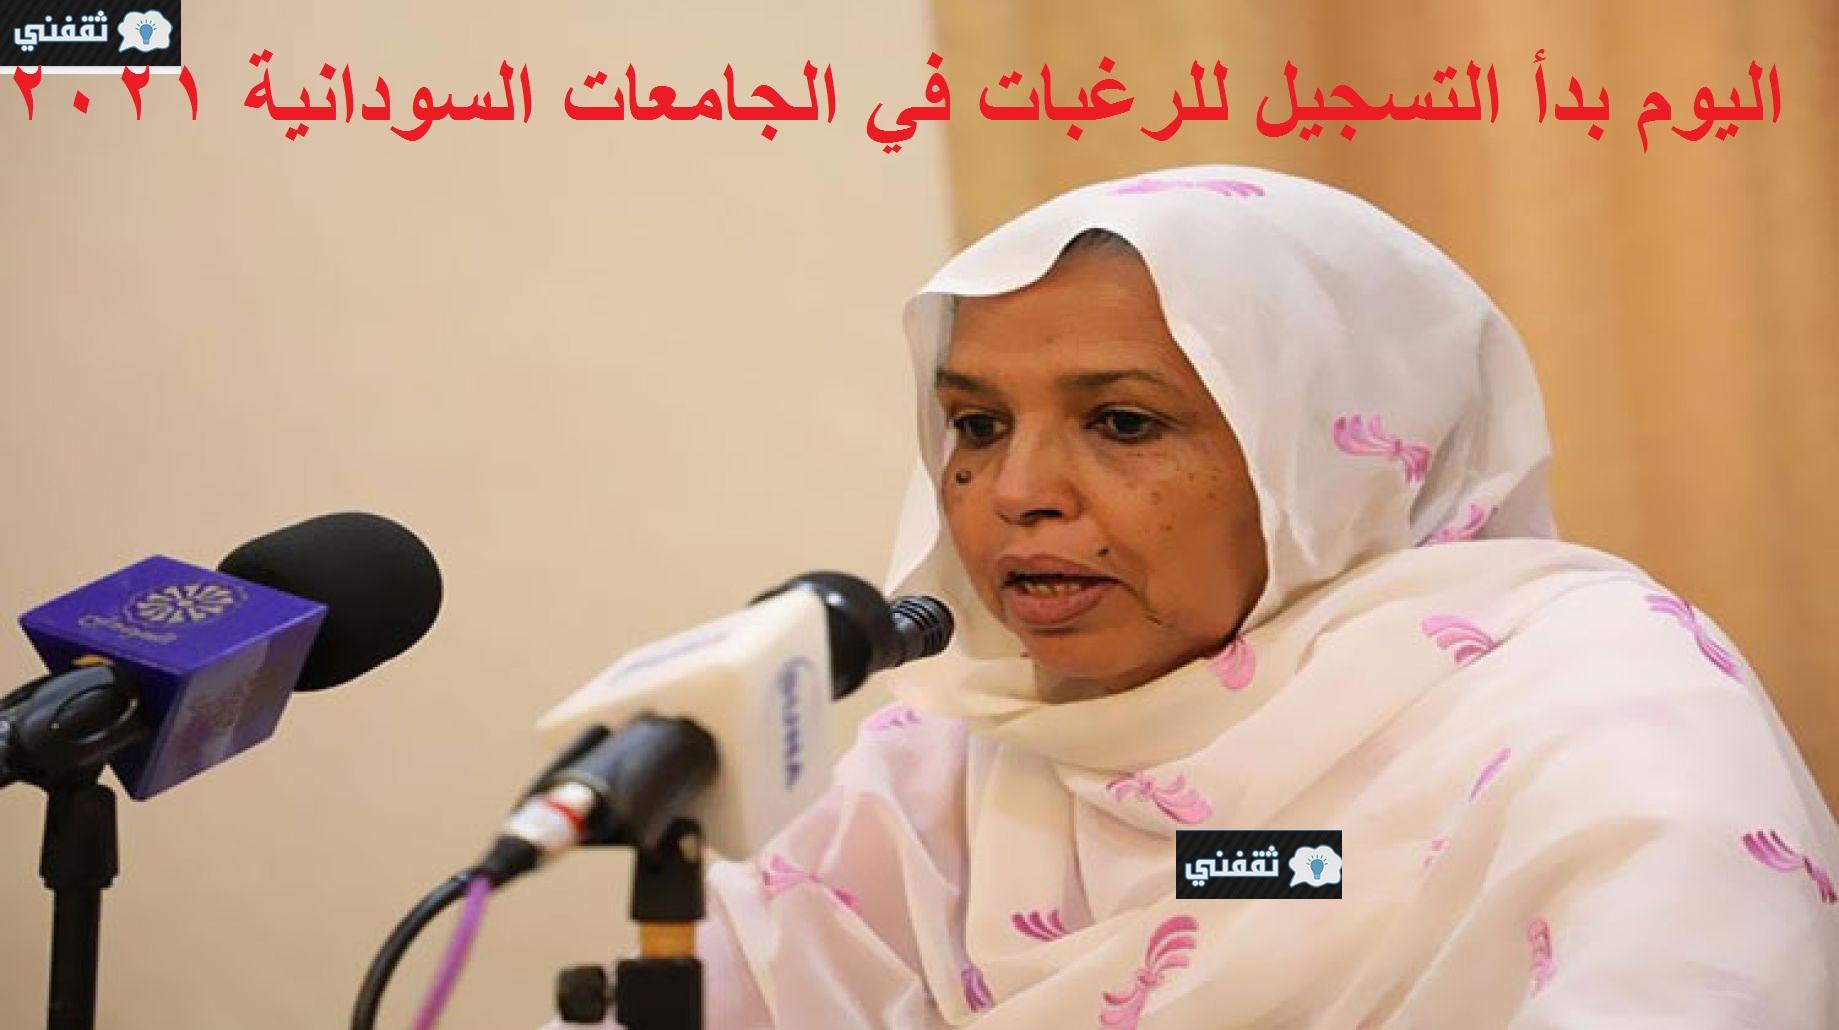 وزيرة التعليم العالي السودانية تعلن بدأ التسجيل اليوم للجامعات